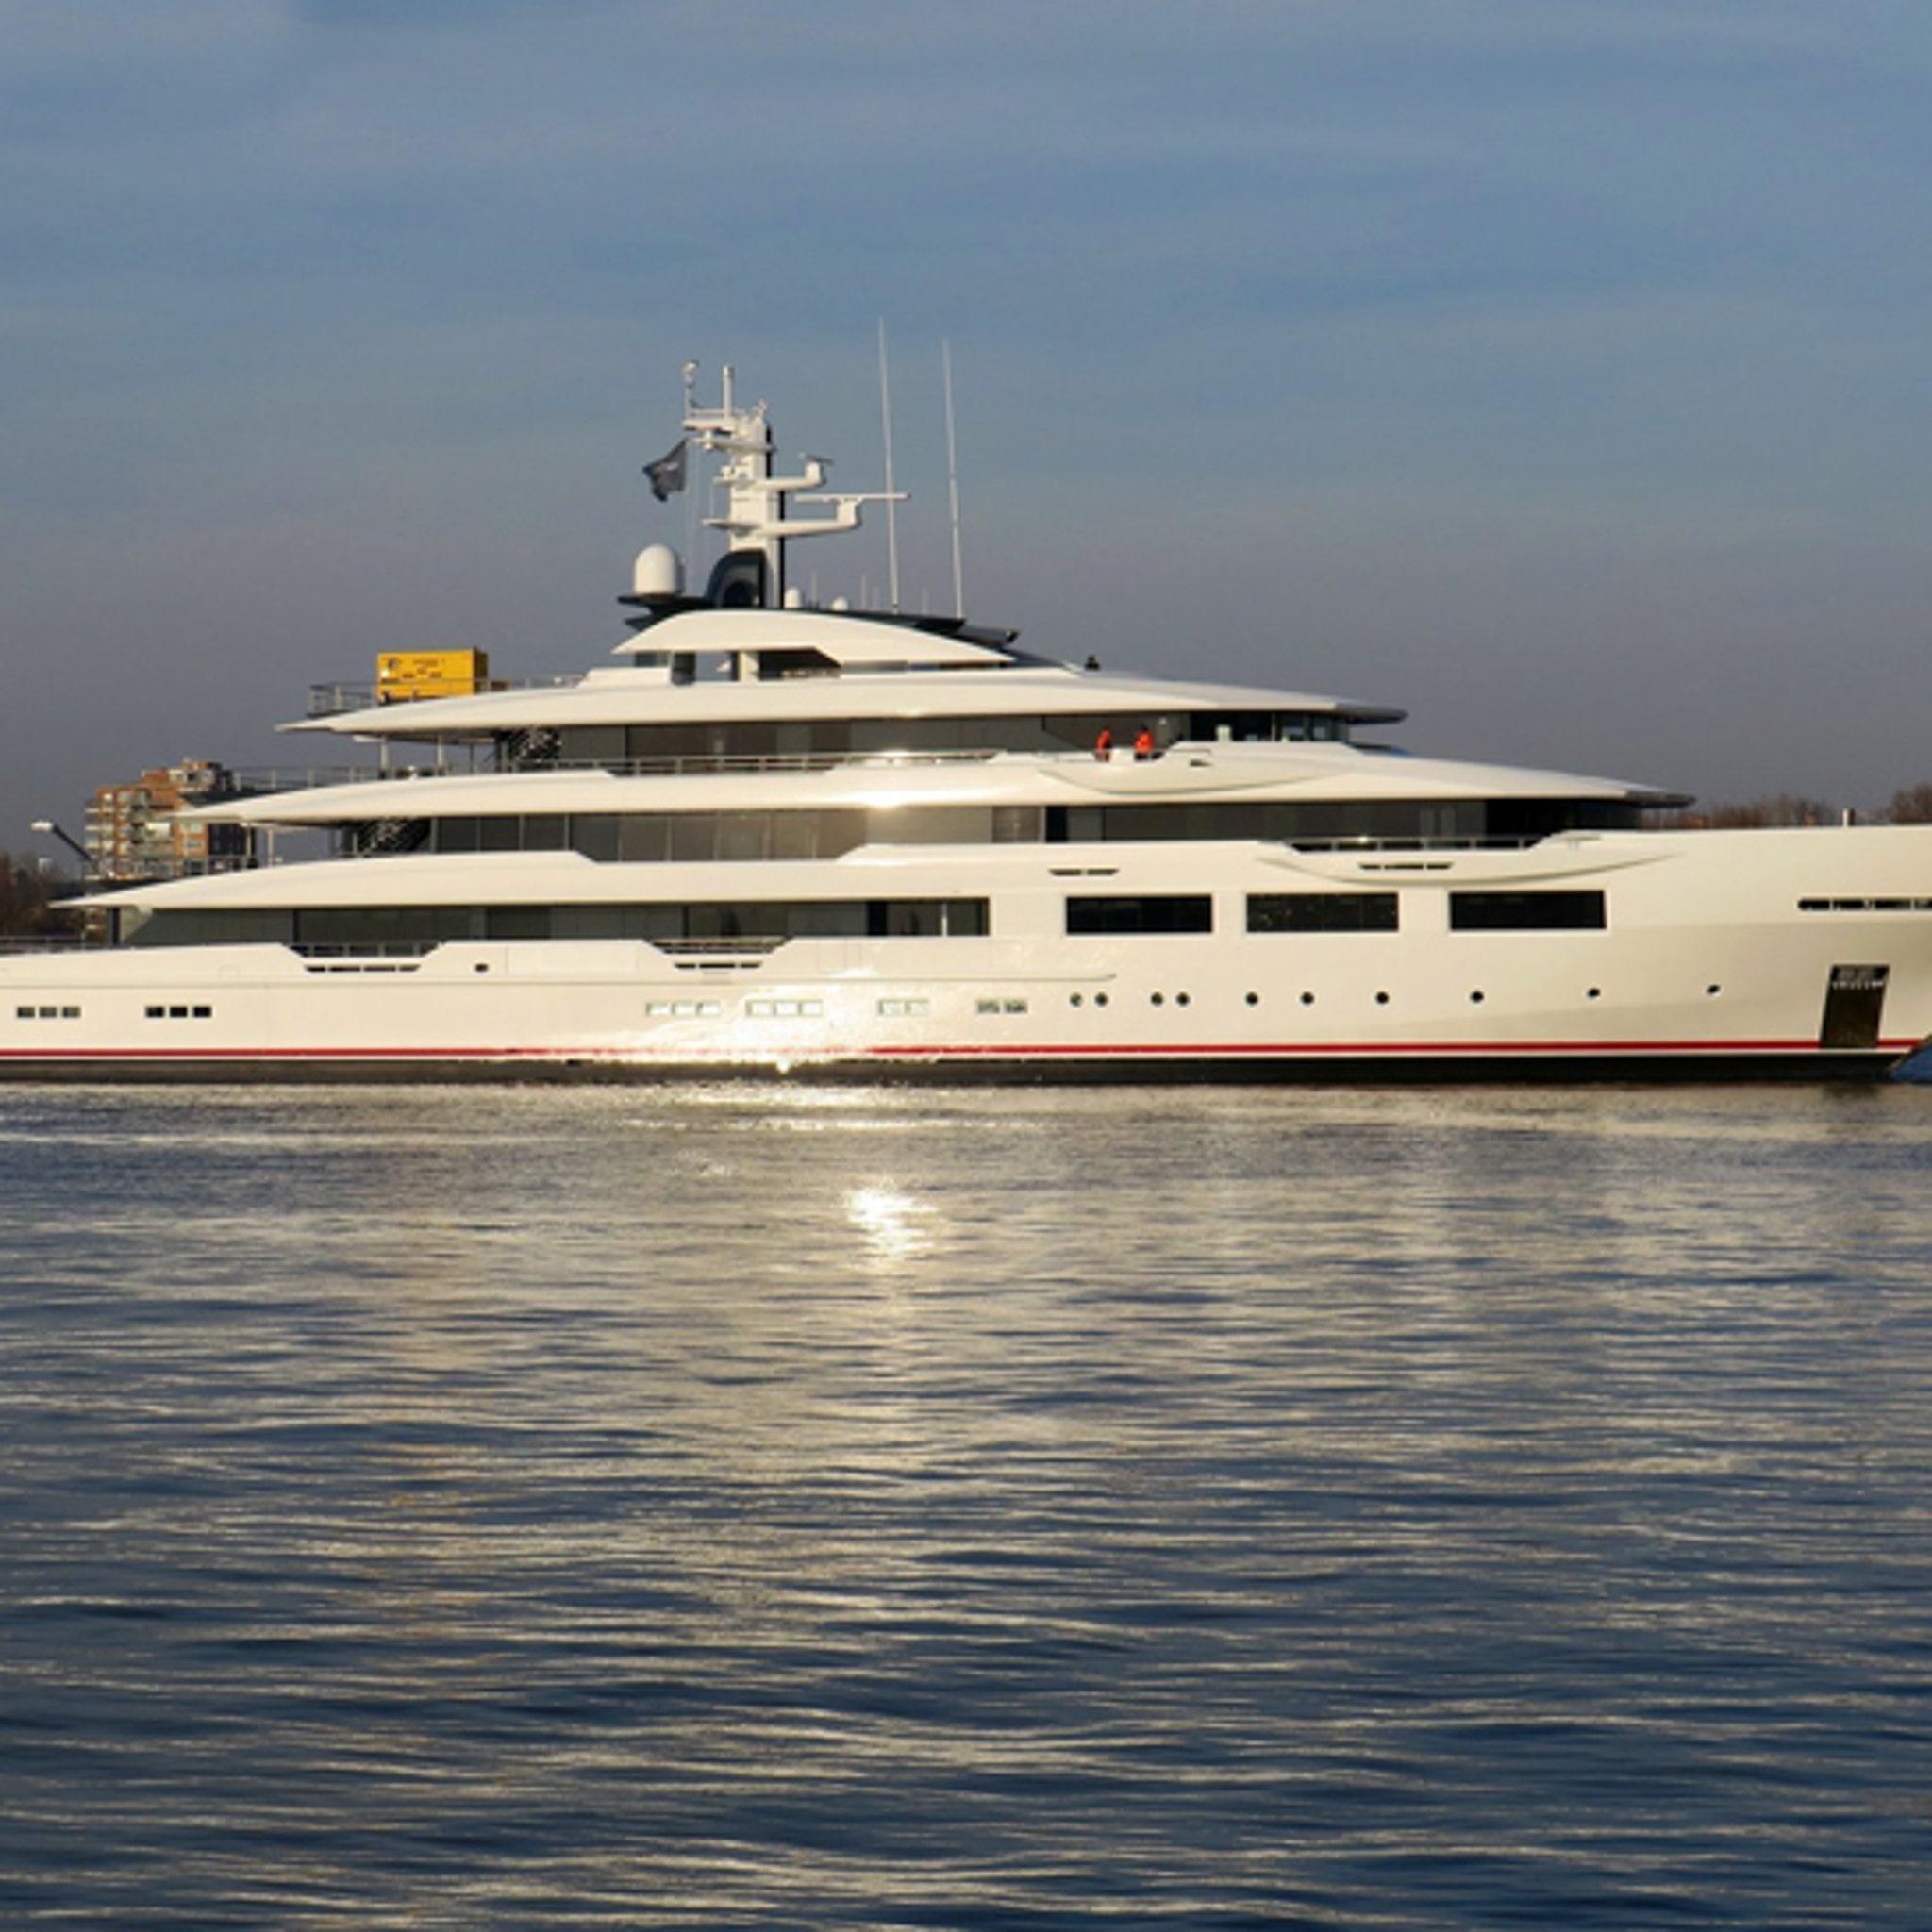 Falcons Owner Arthur Blank Buys $180 MILLION Superyacht